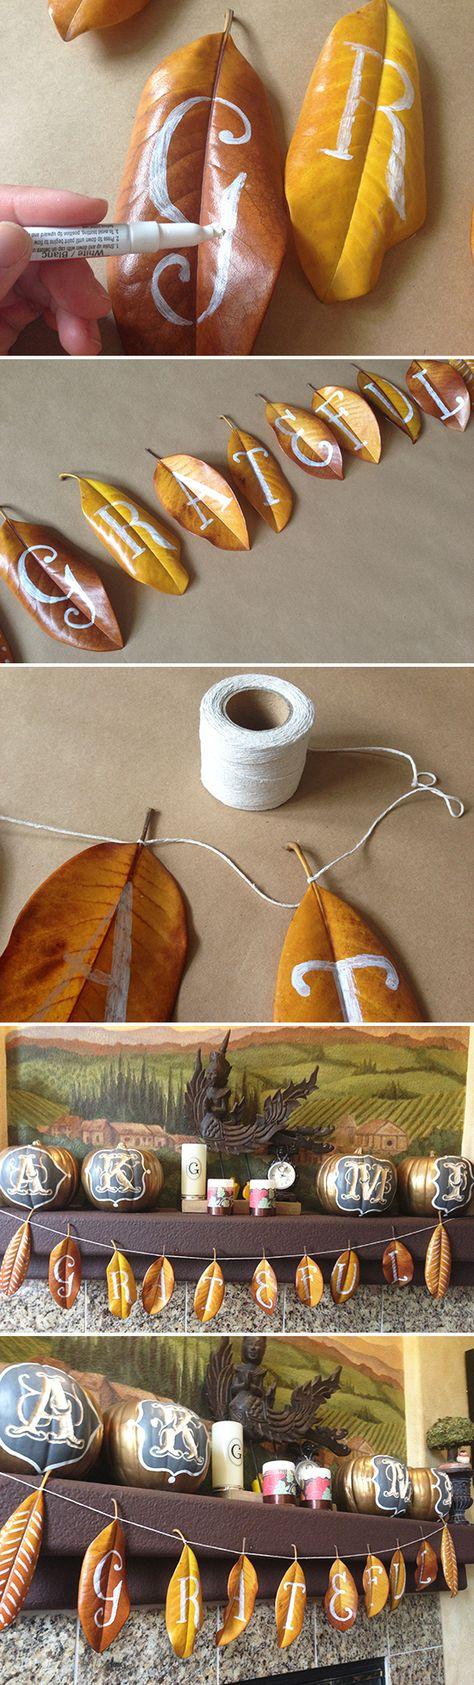 15 Rustic Autumn Ideas